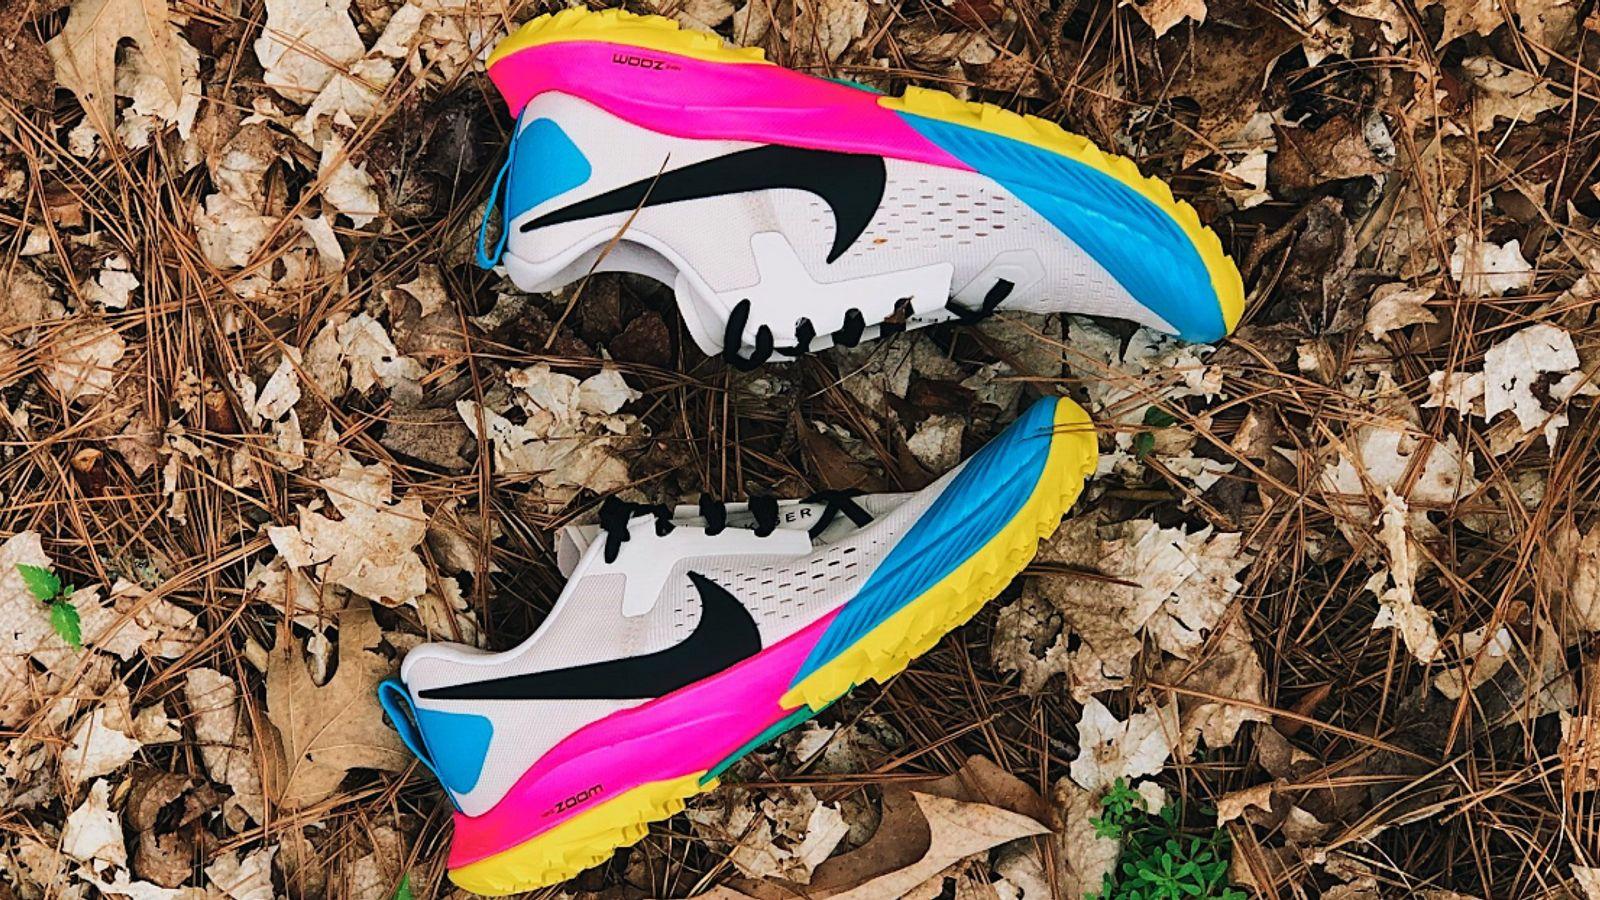 9c84f2a55df59 Shoe Review: Nike Air Zoom Terra Kiger 5 | Fleet Feet